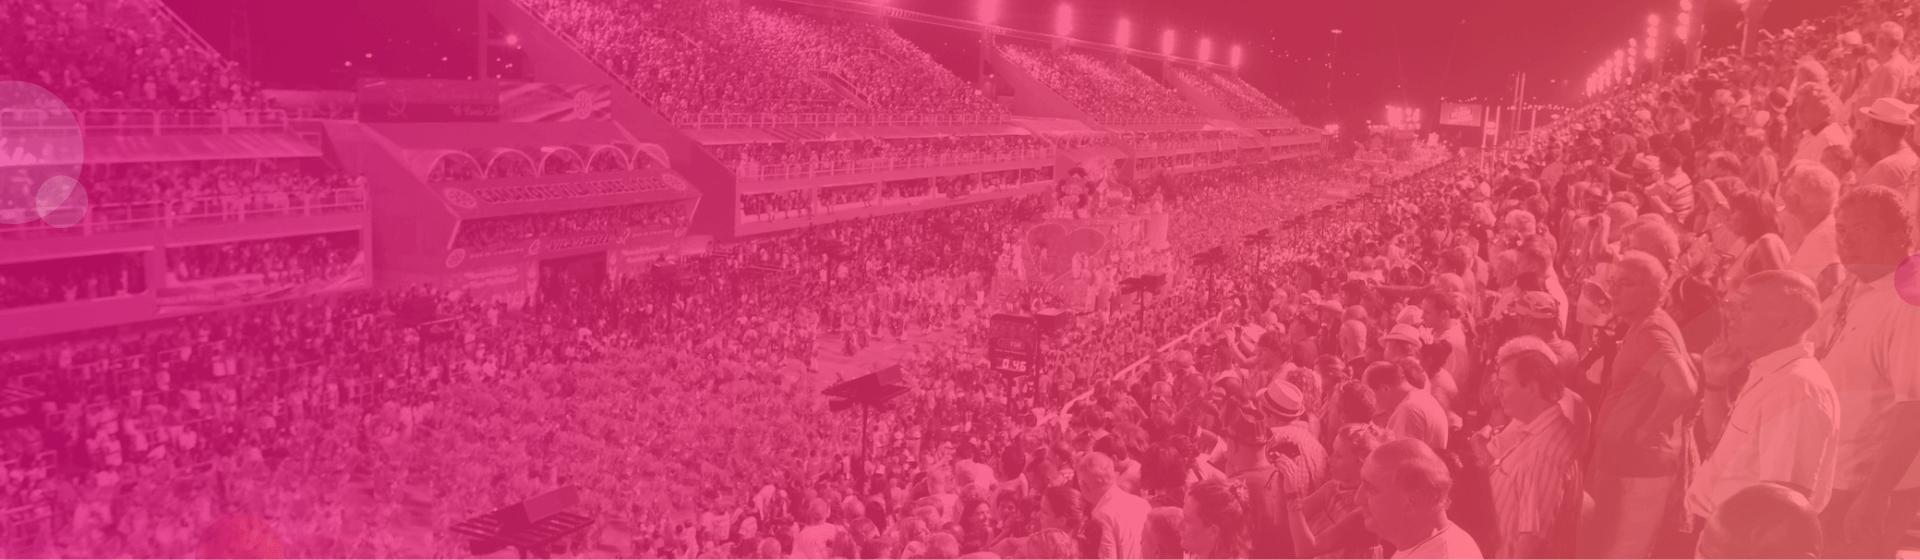 Celebraciones del Carnaval de Sao Paulo